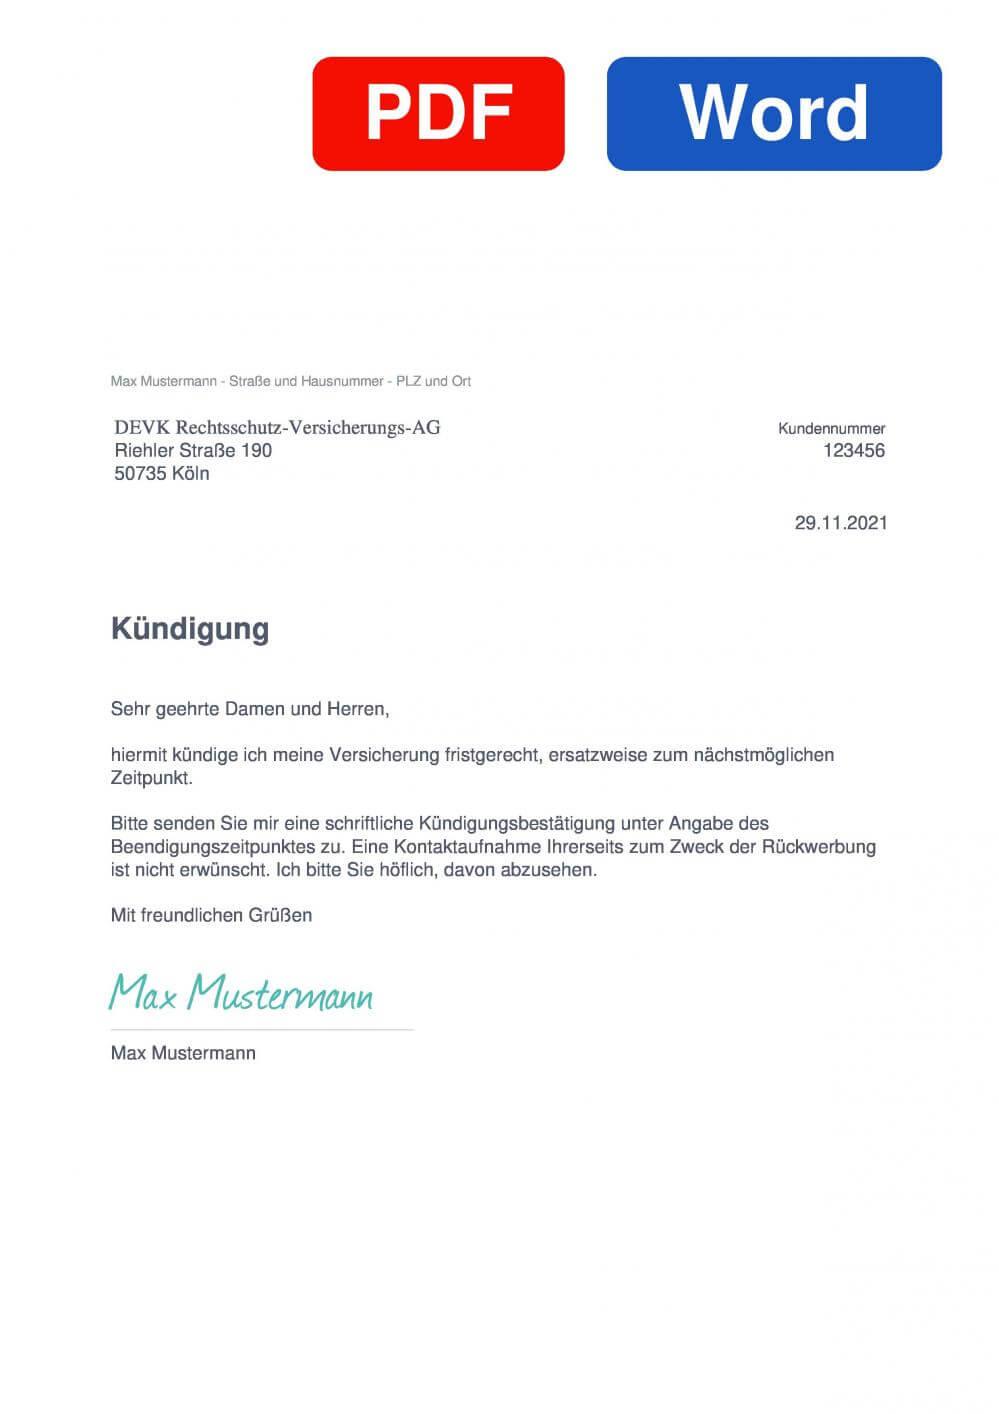 DEVK Rechtsschutz-Versicherung Muster Vorlage für Kündigungsschreiben